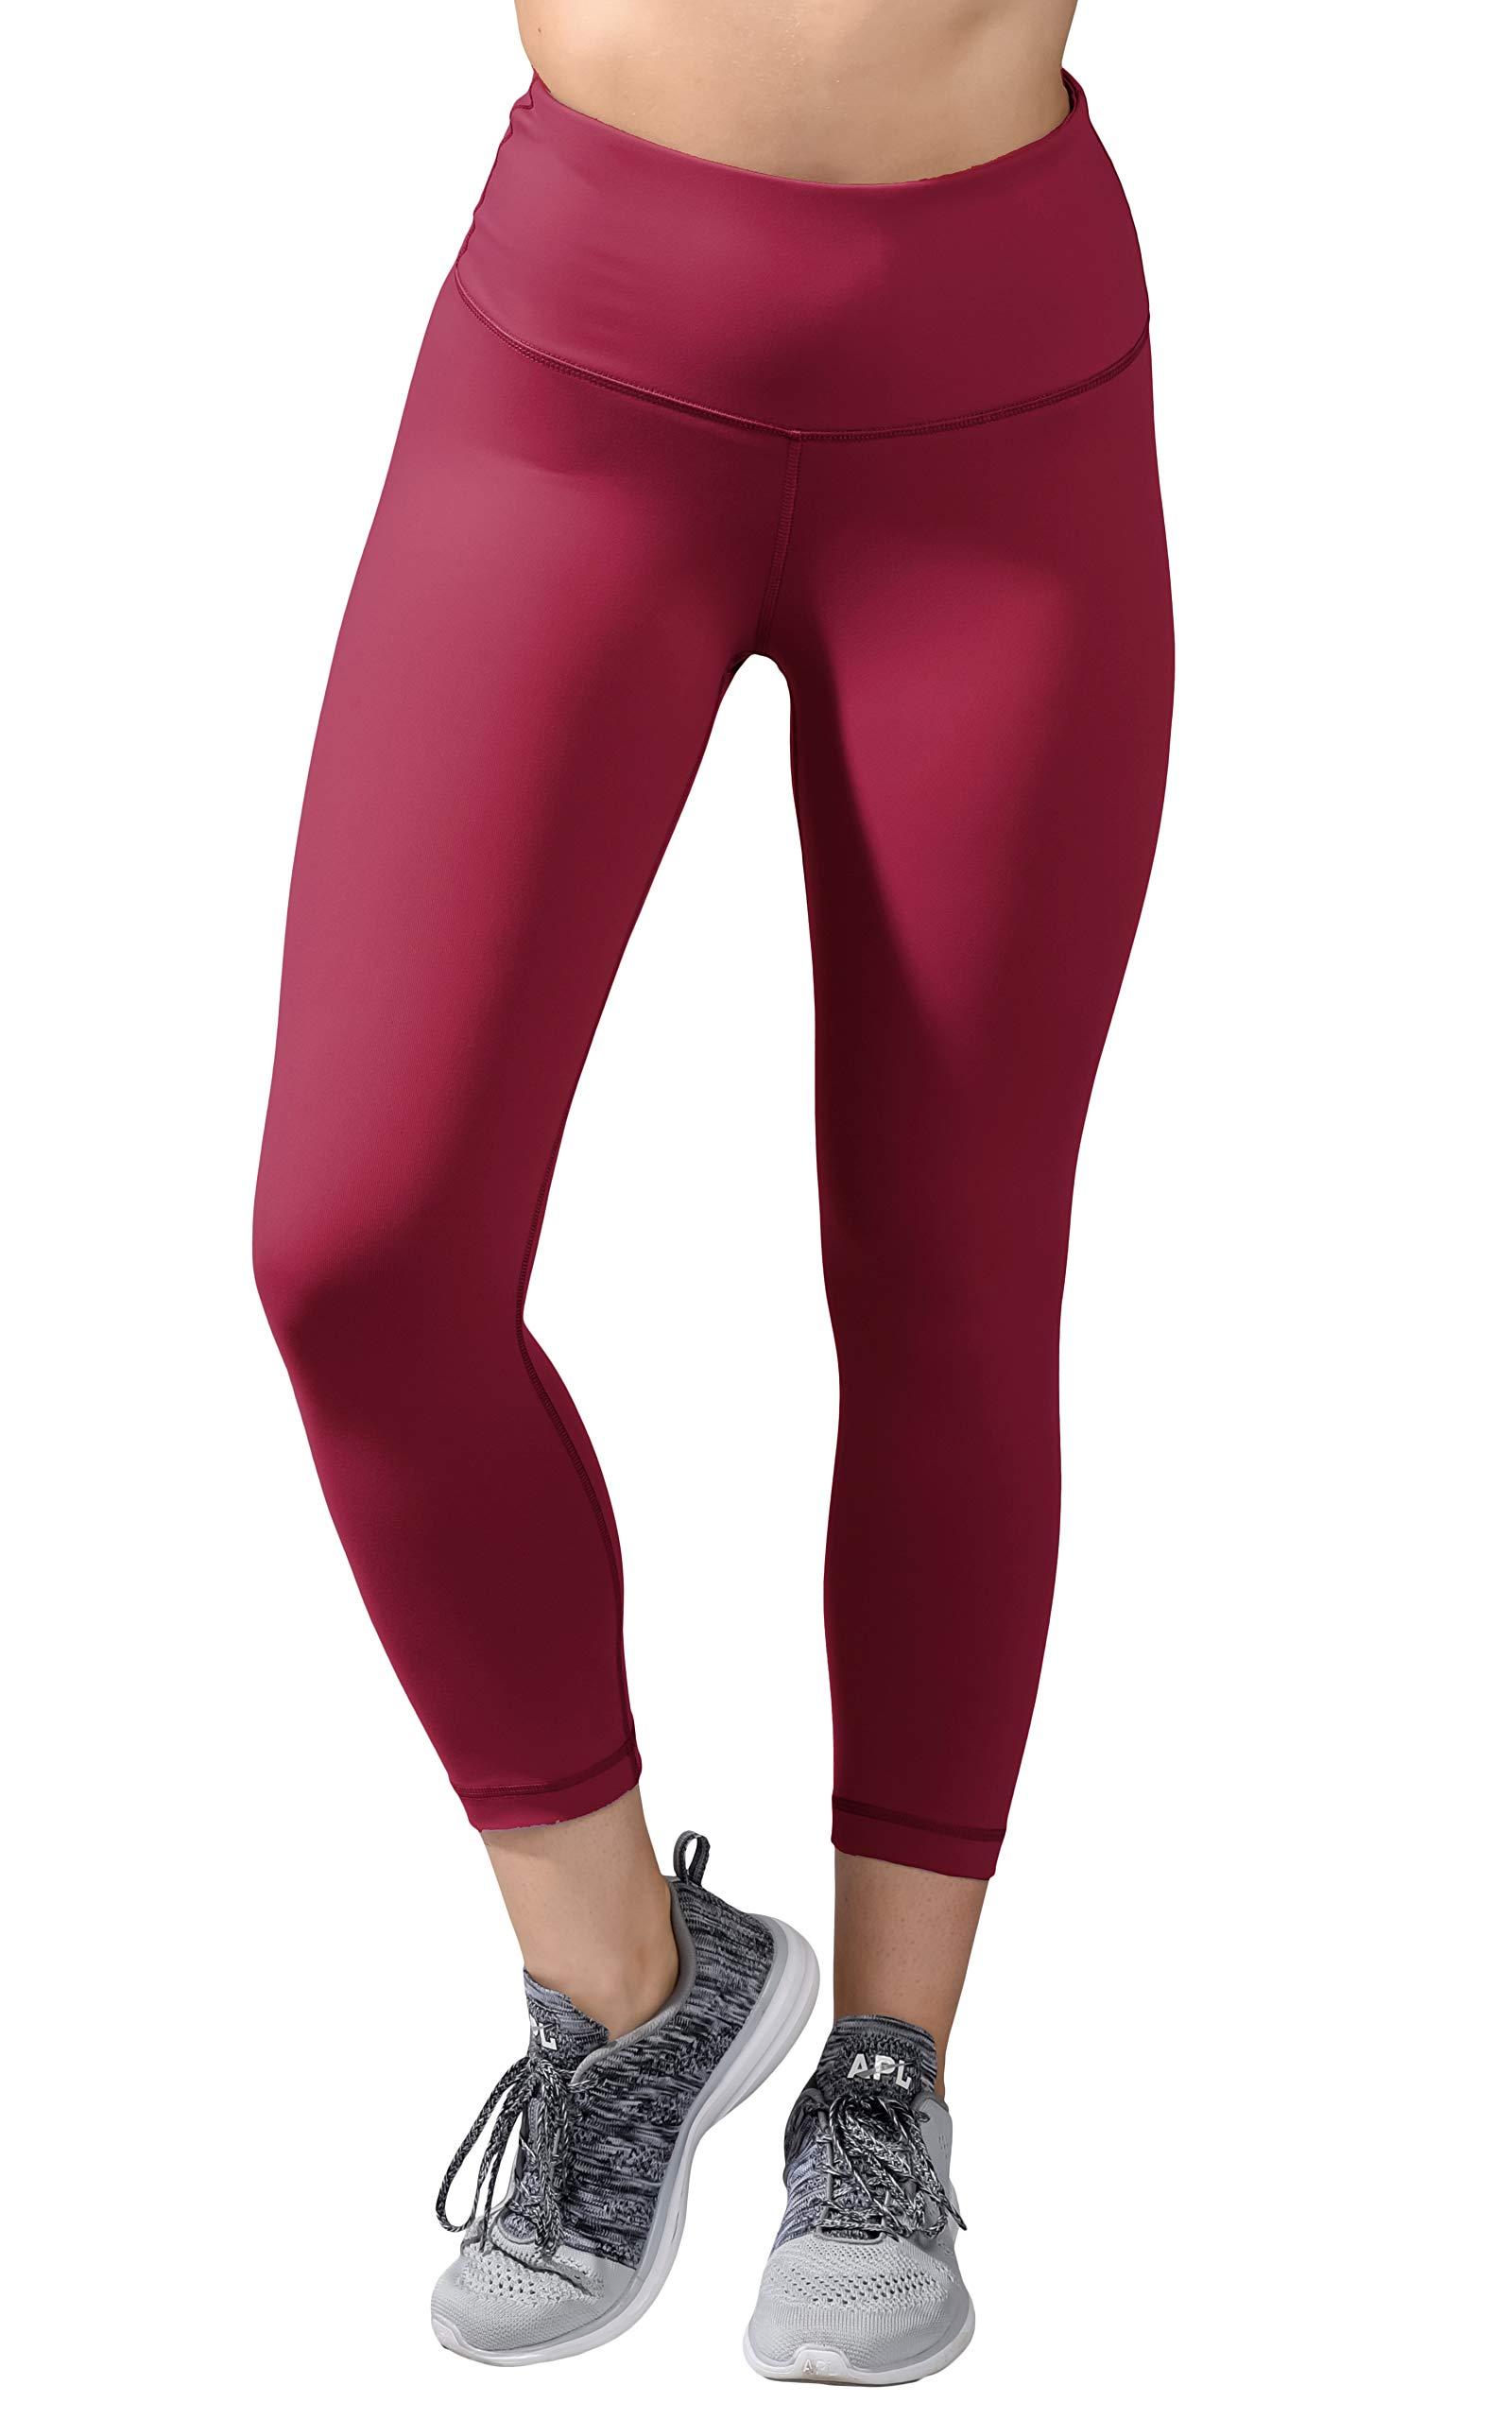 90 Degree By Reflex - High Waist Tummy Control Shapewear - Power Flex Capri - Royal Kir - XS by 90 Degree By Reflex